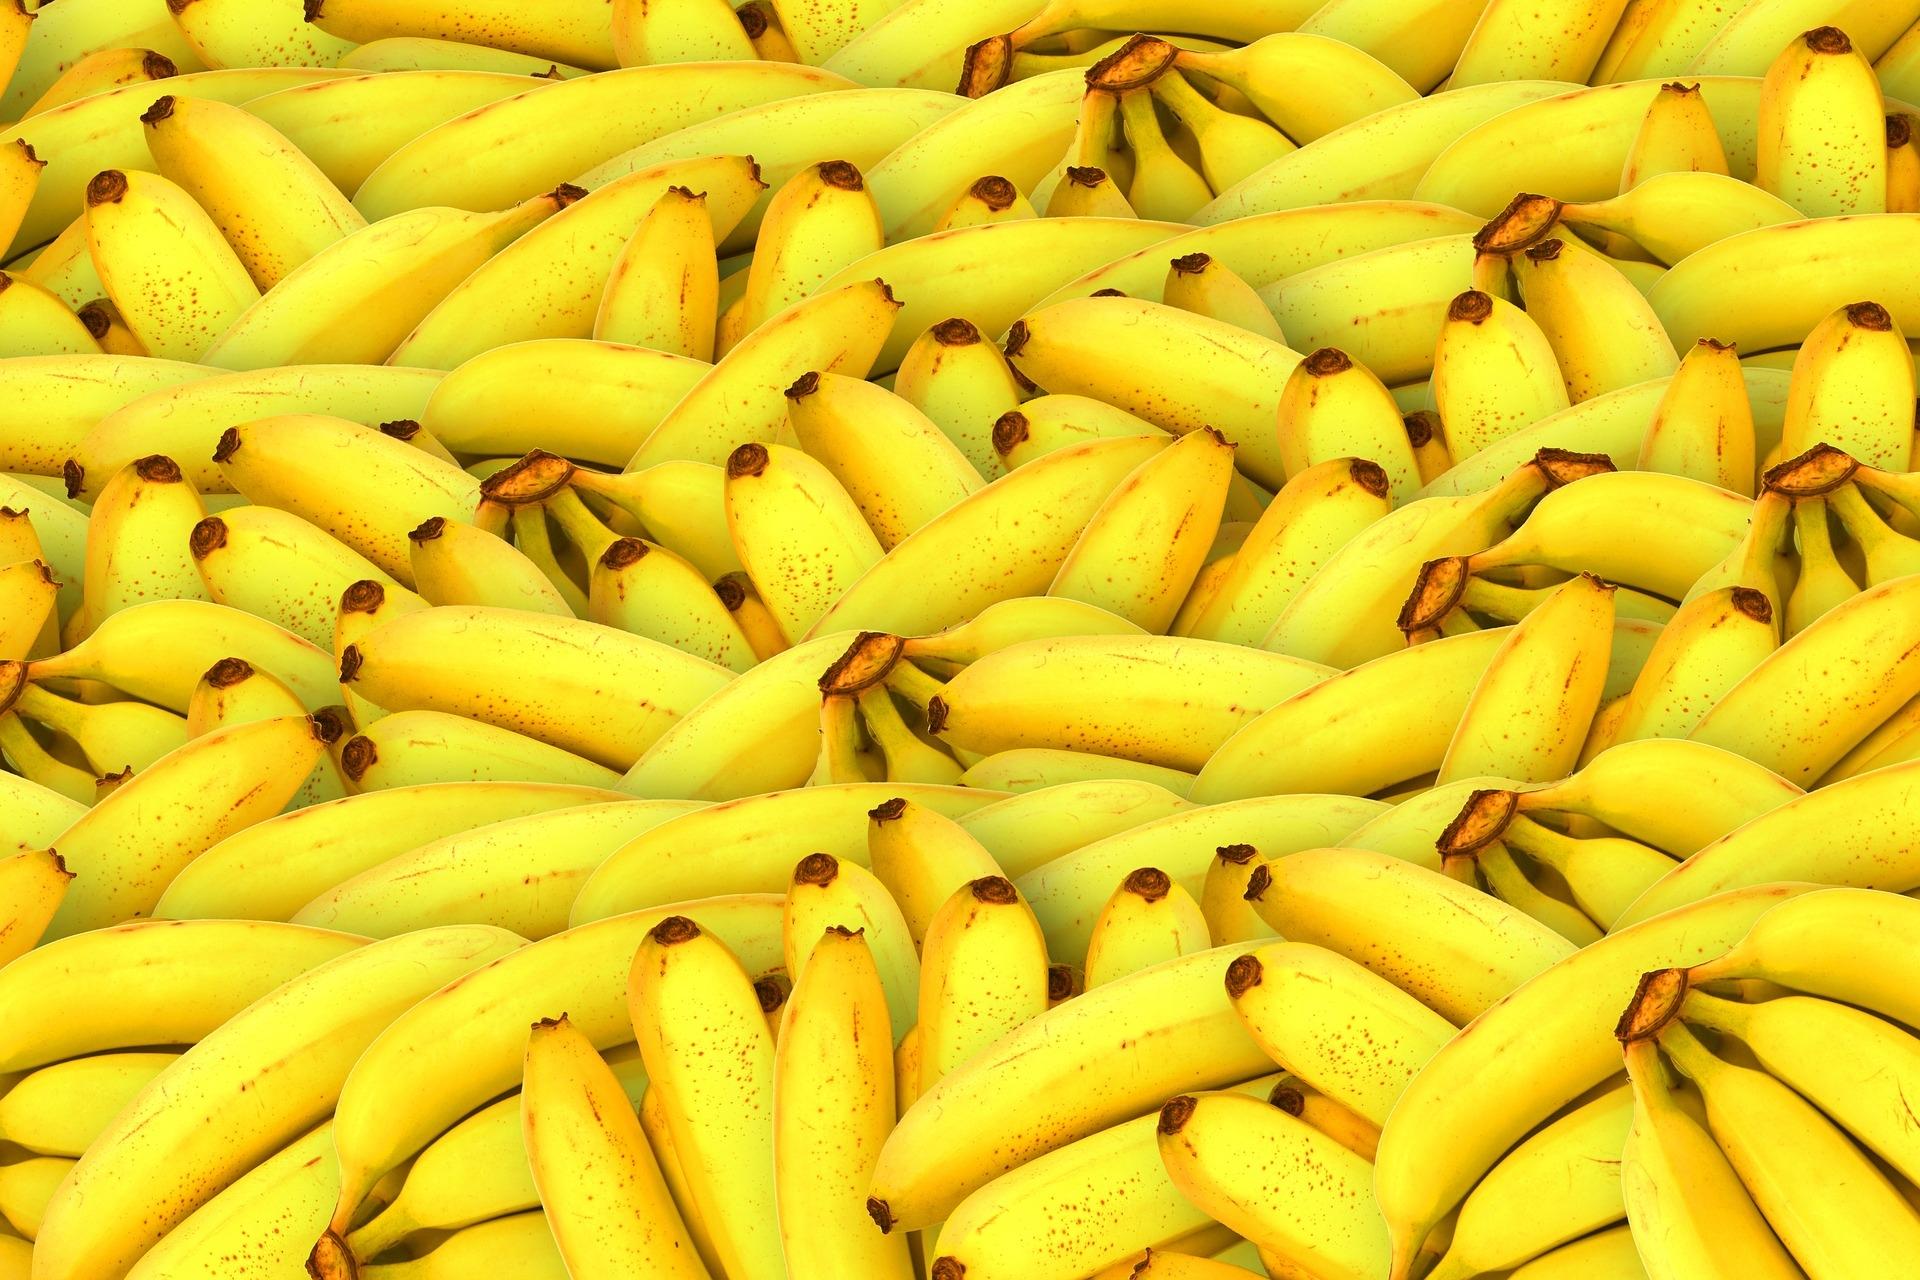 香蕉是世界上消耗量最大的水果之一  Pixabay